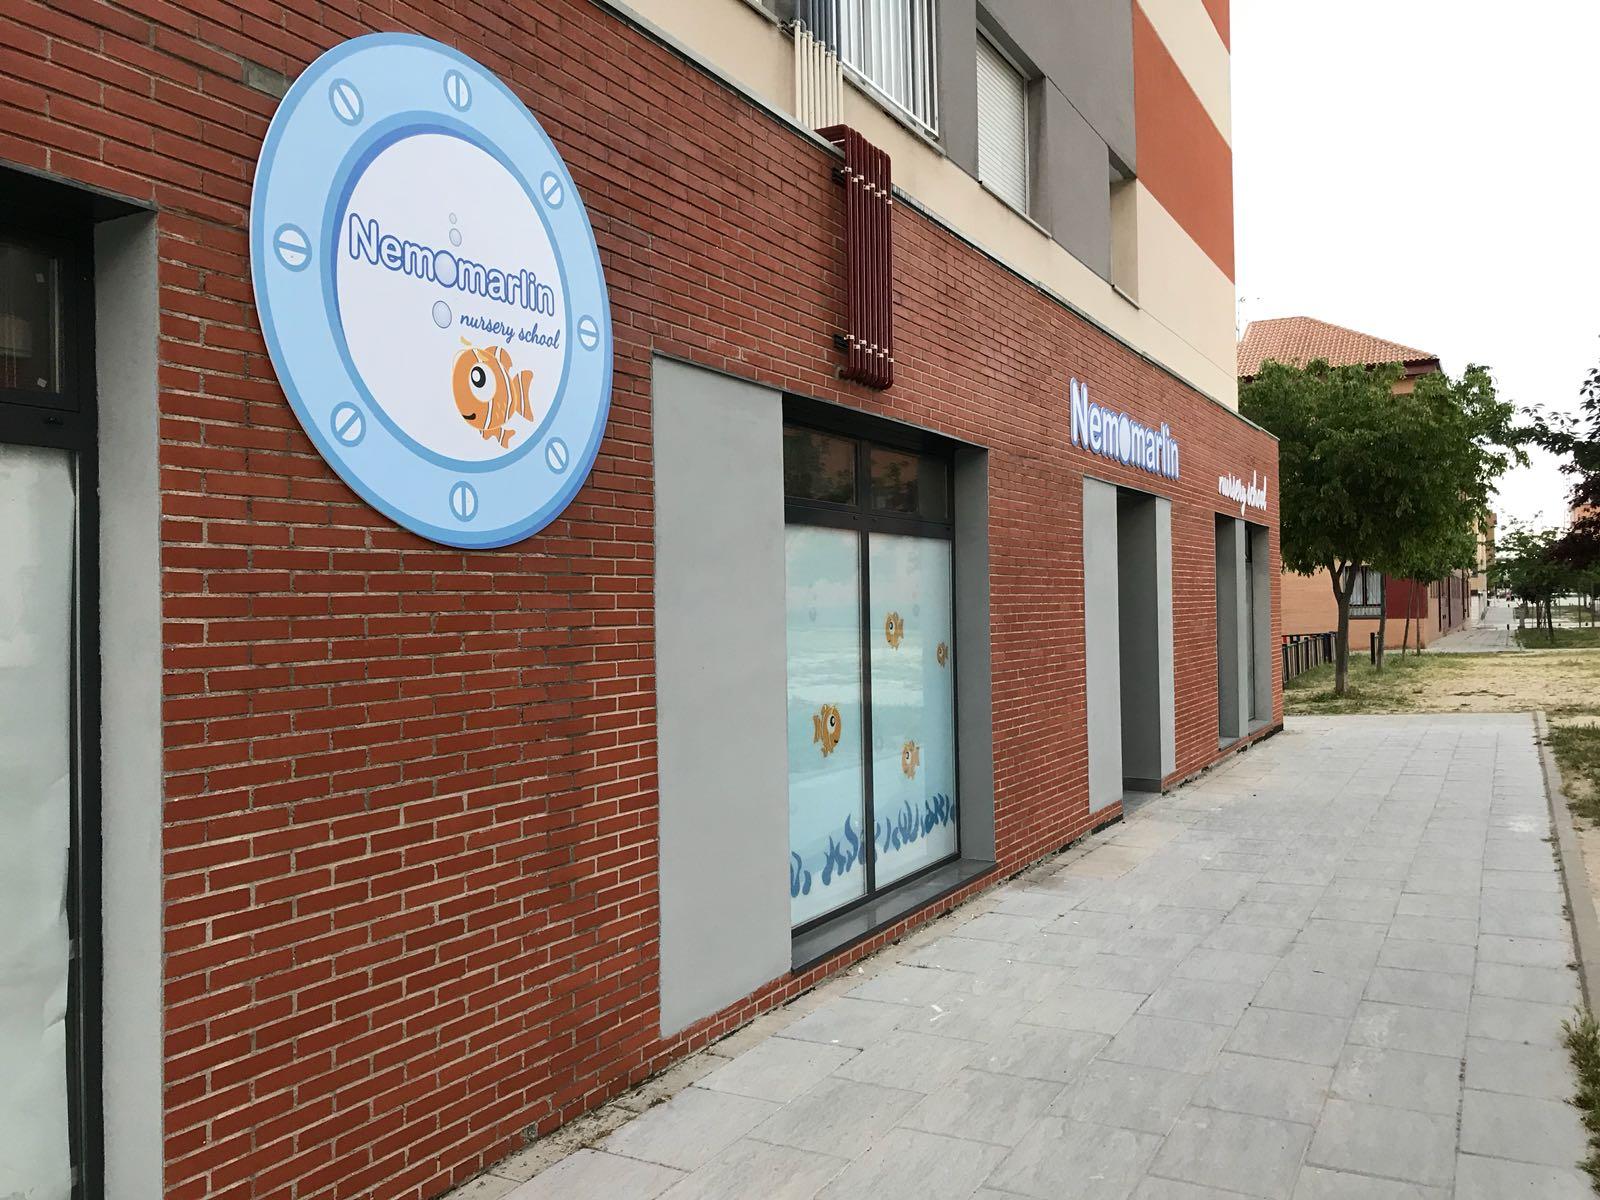 Foto Fachada Escuela Infantil Nemomarlin San Sebastián de los Reyes